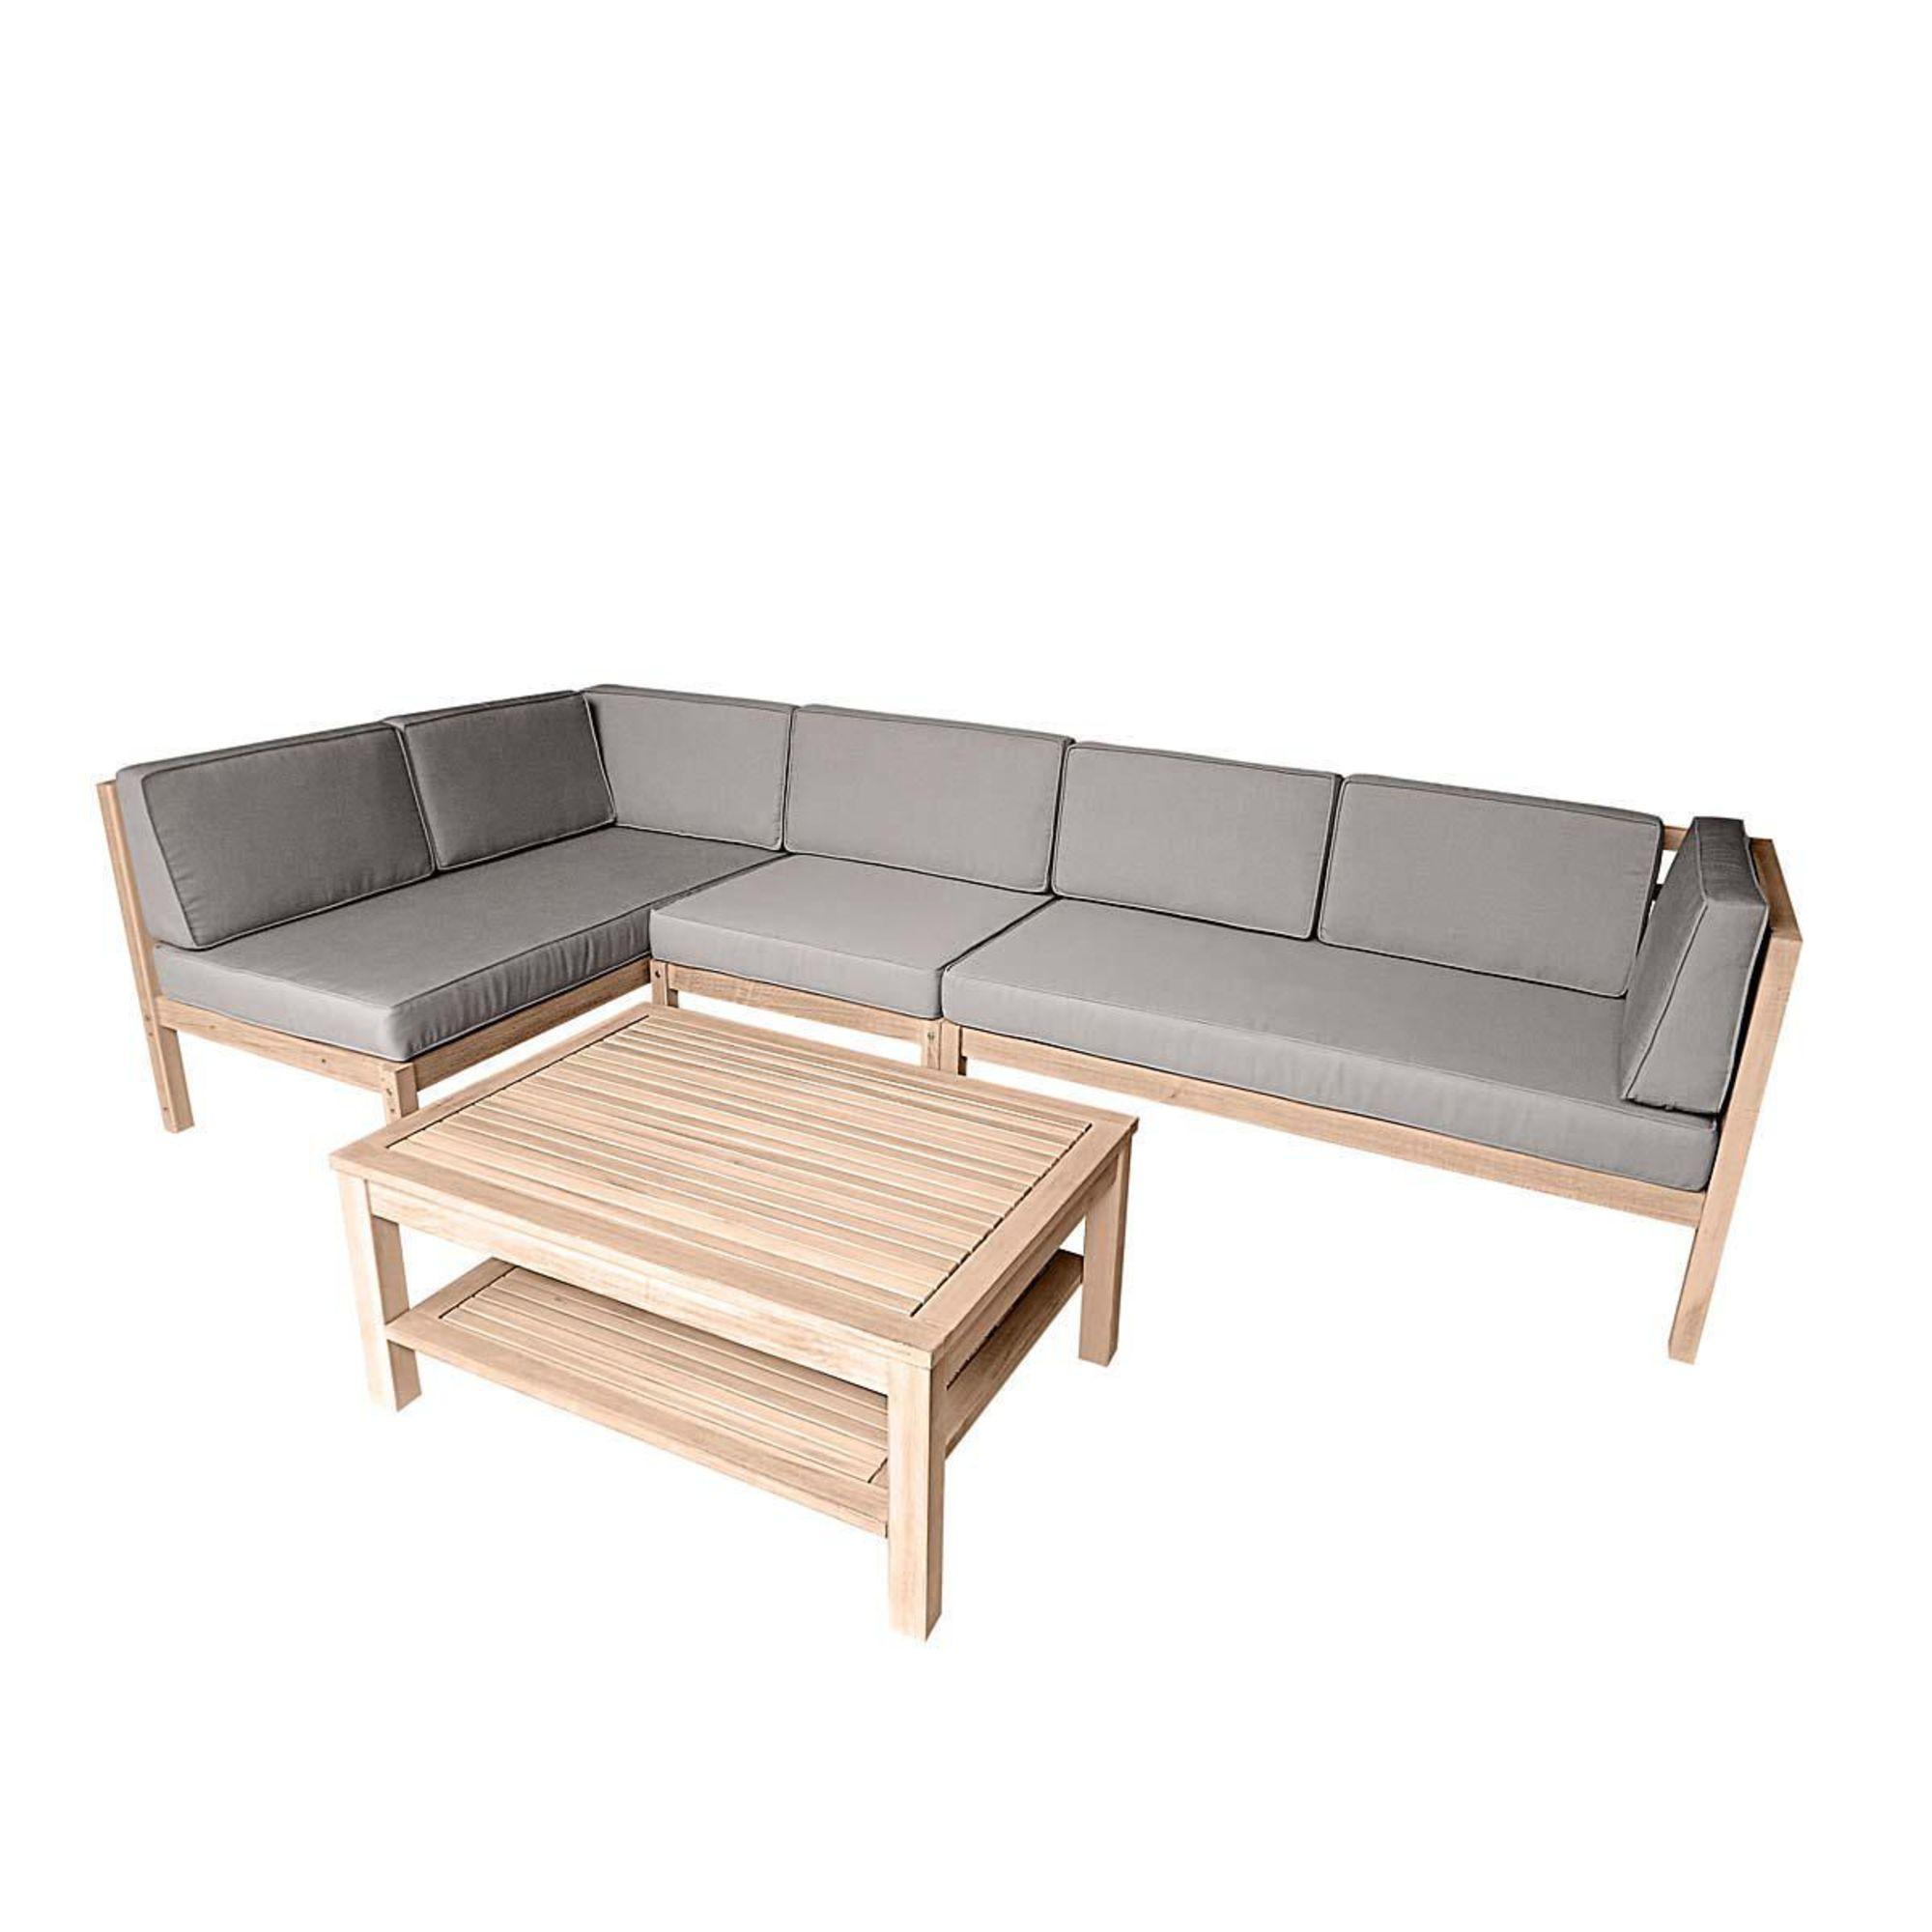 Gartenmöbel Set Holz Mit Auflagen | tentfox.com